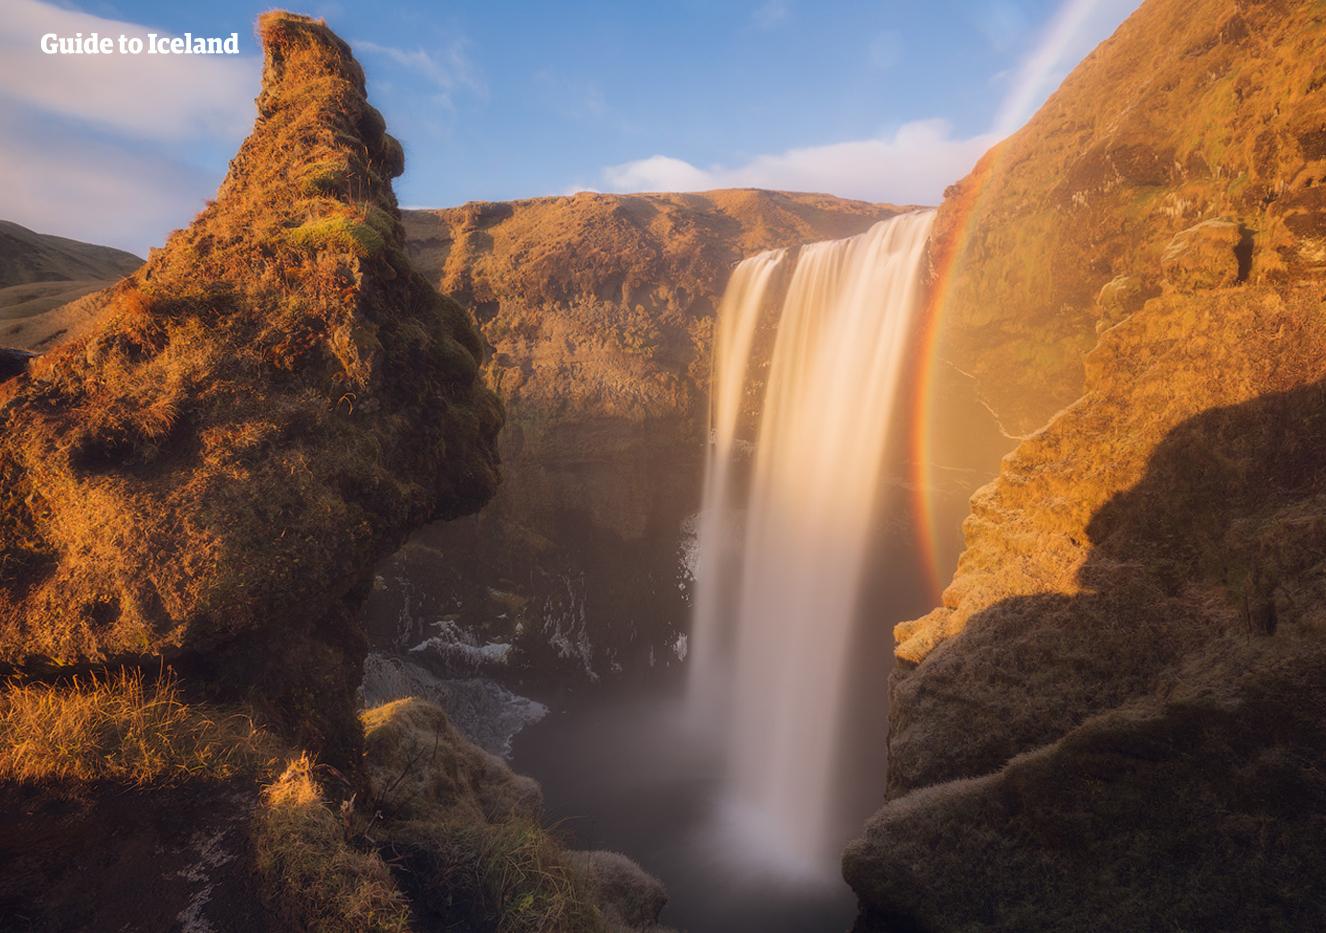 Captura una gran fotografía frente a la cascada de Skógafoss en la Costa Sur.